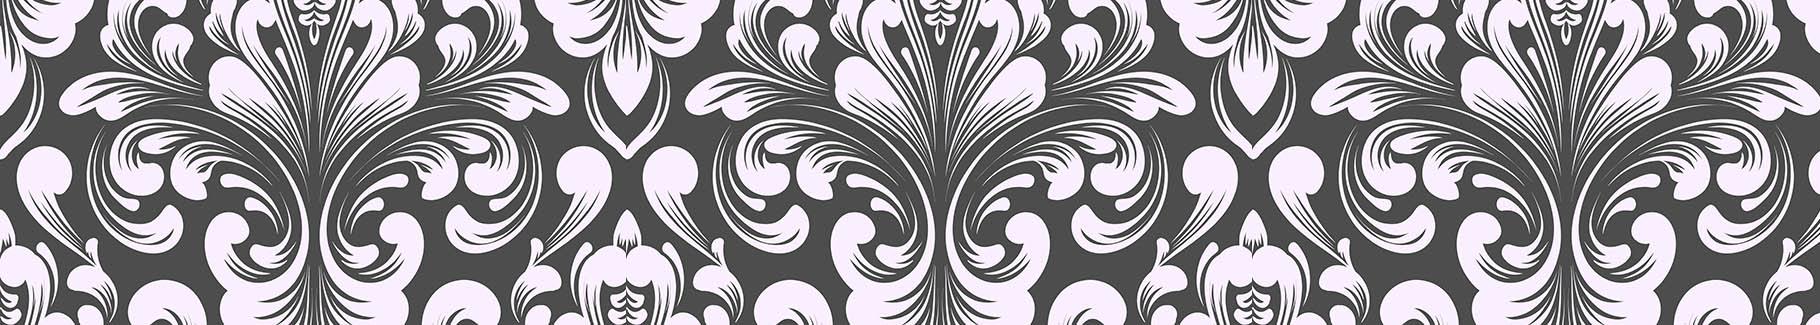 Czarno-biała fototapeta glamour